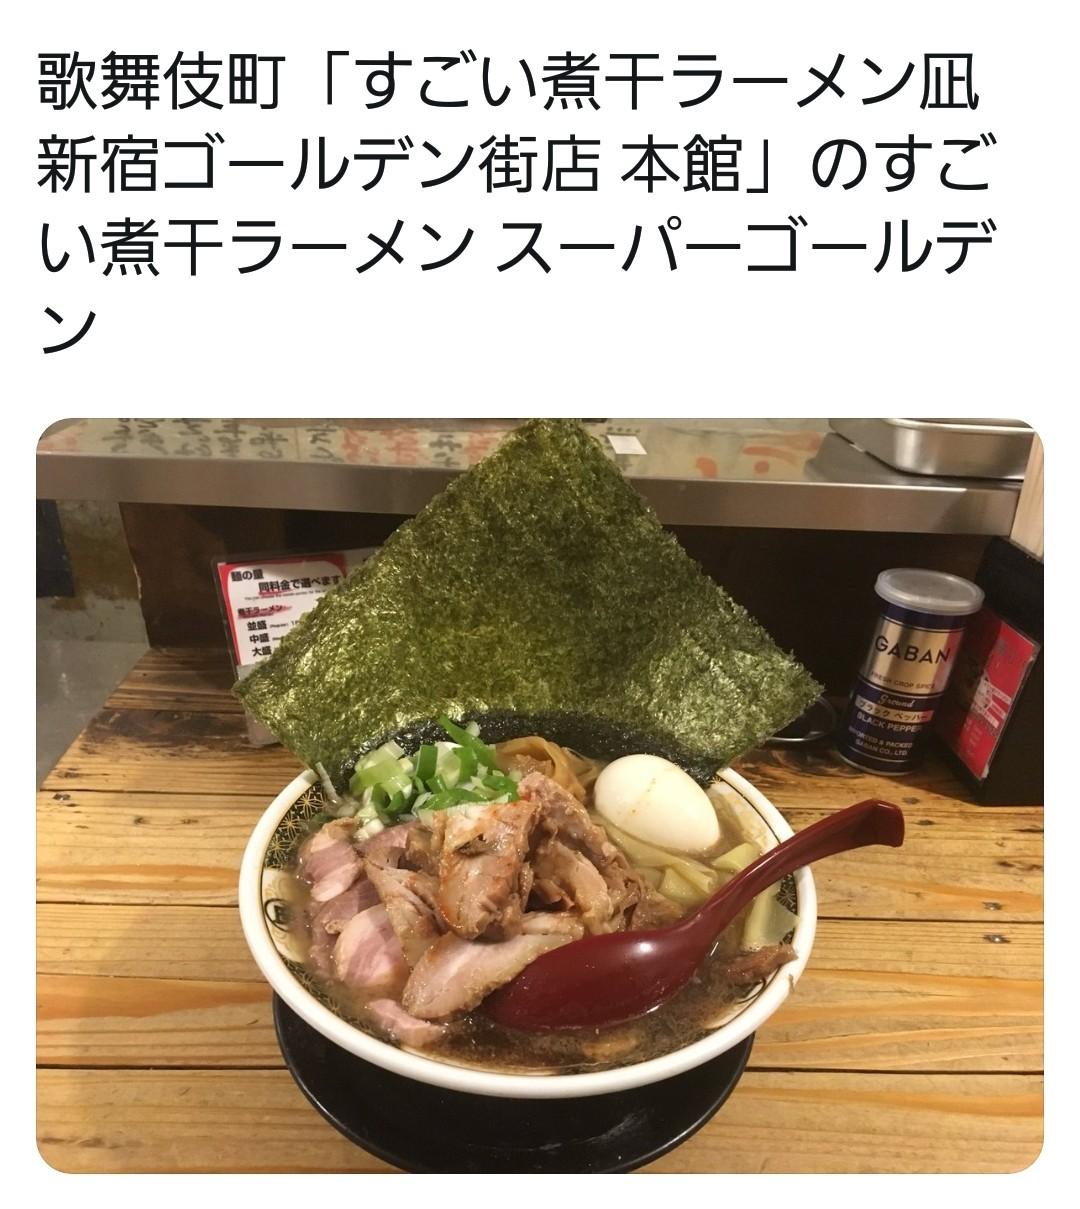 東京,おいしい煮干しラーメン凪,ゴールデン街,うまい,おすすめ,量